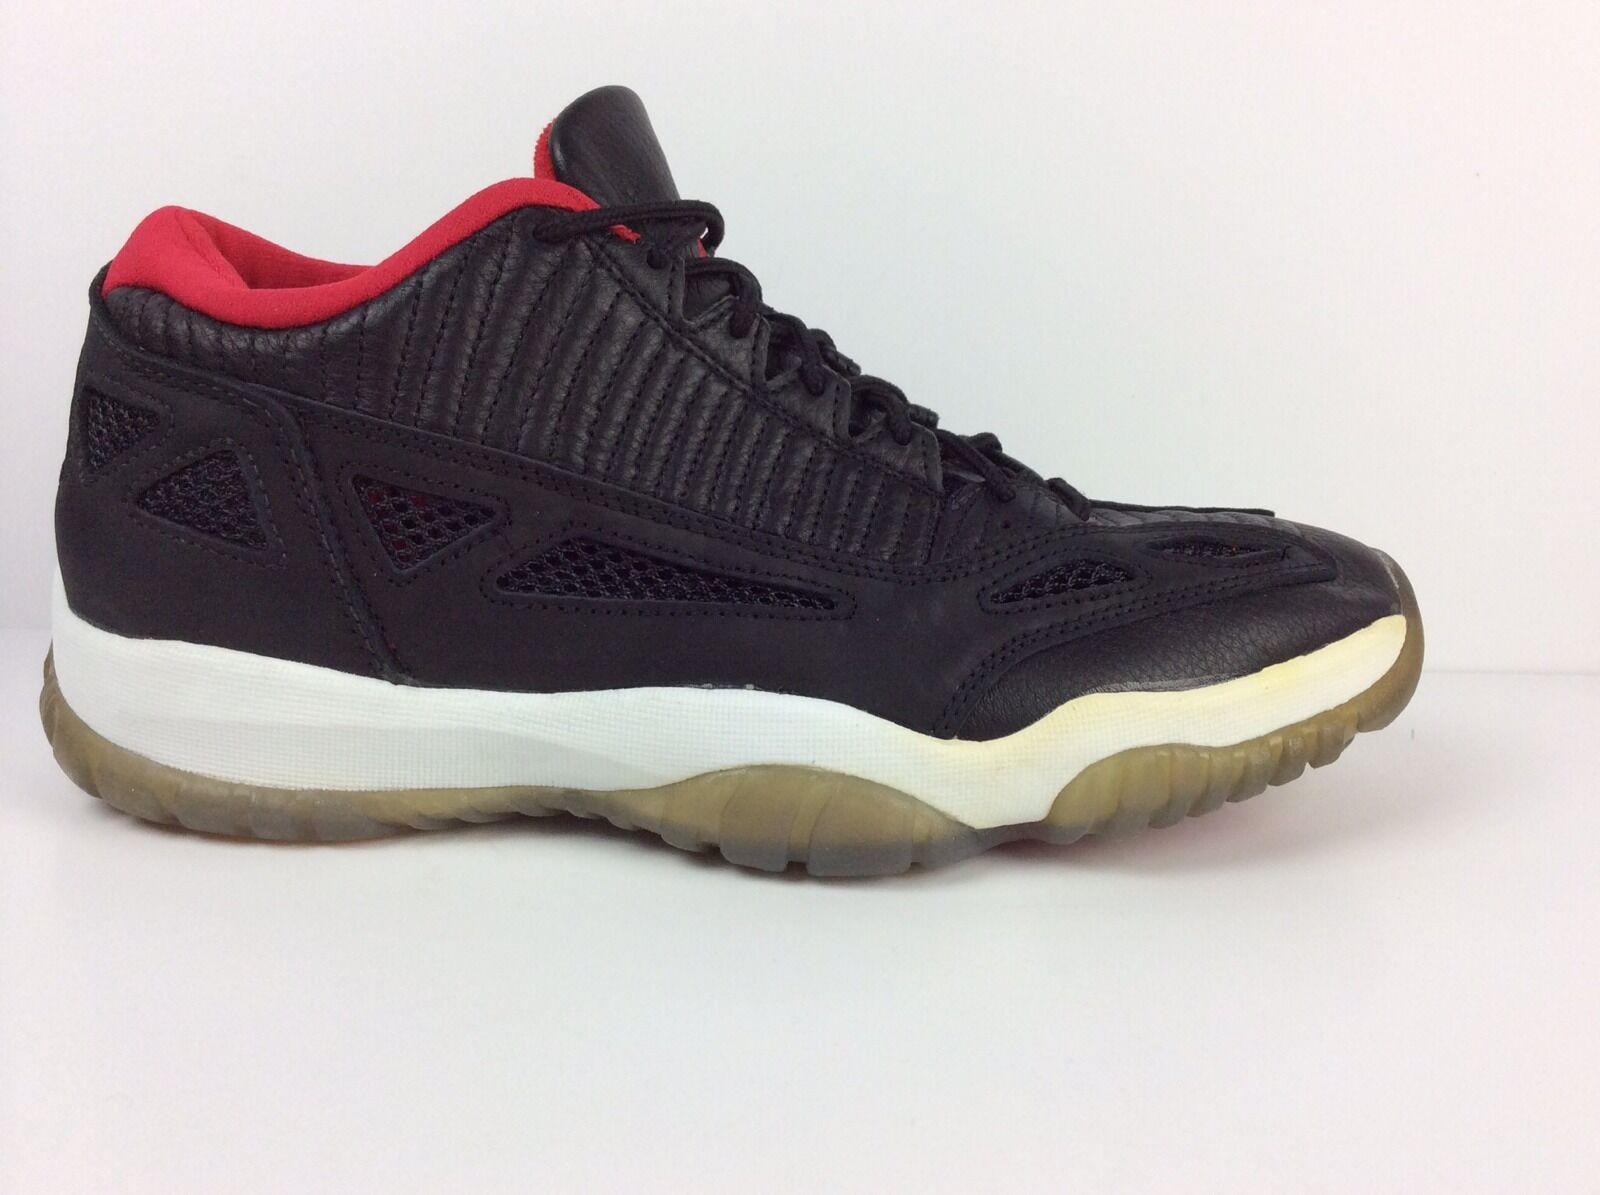 Nike air jordan xi 11 bassa og nero / grigio scuro vero red 130270-001 sz